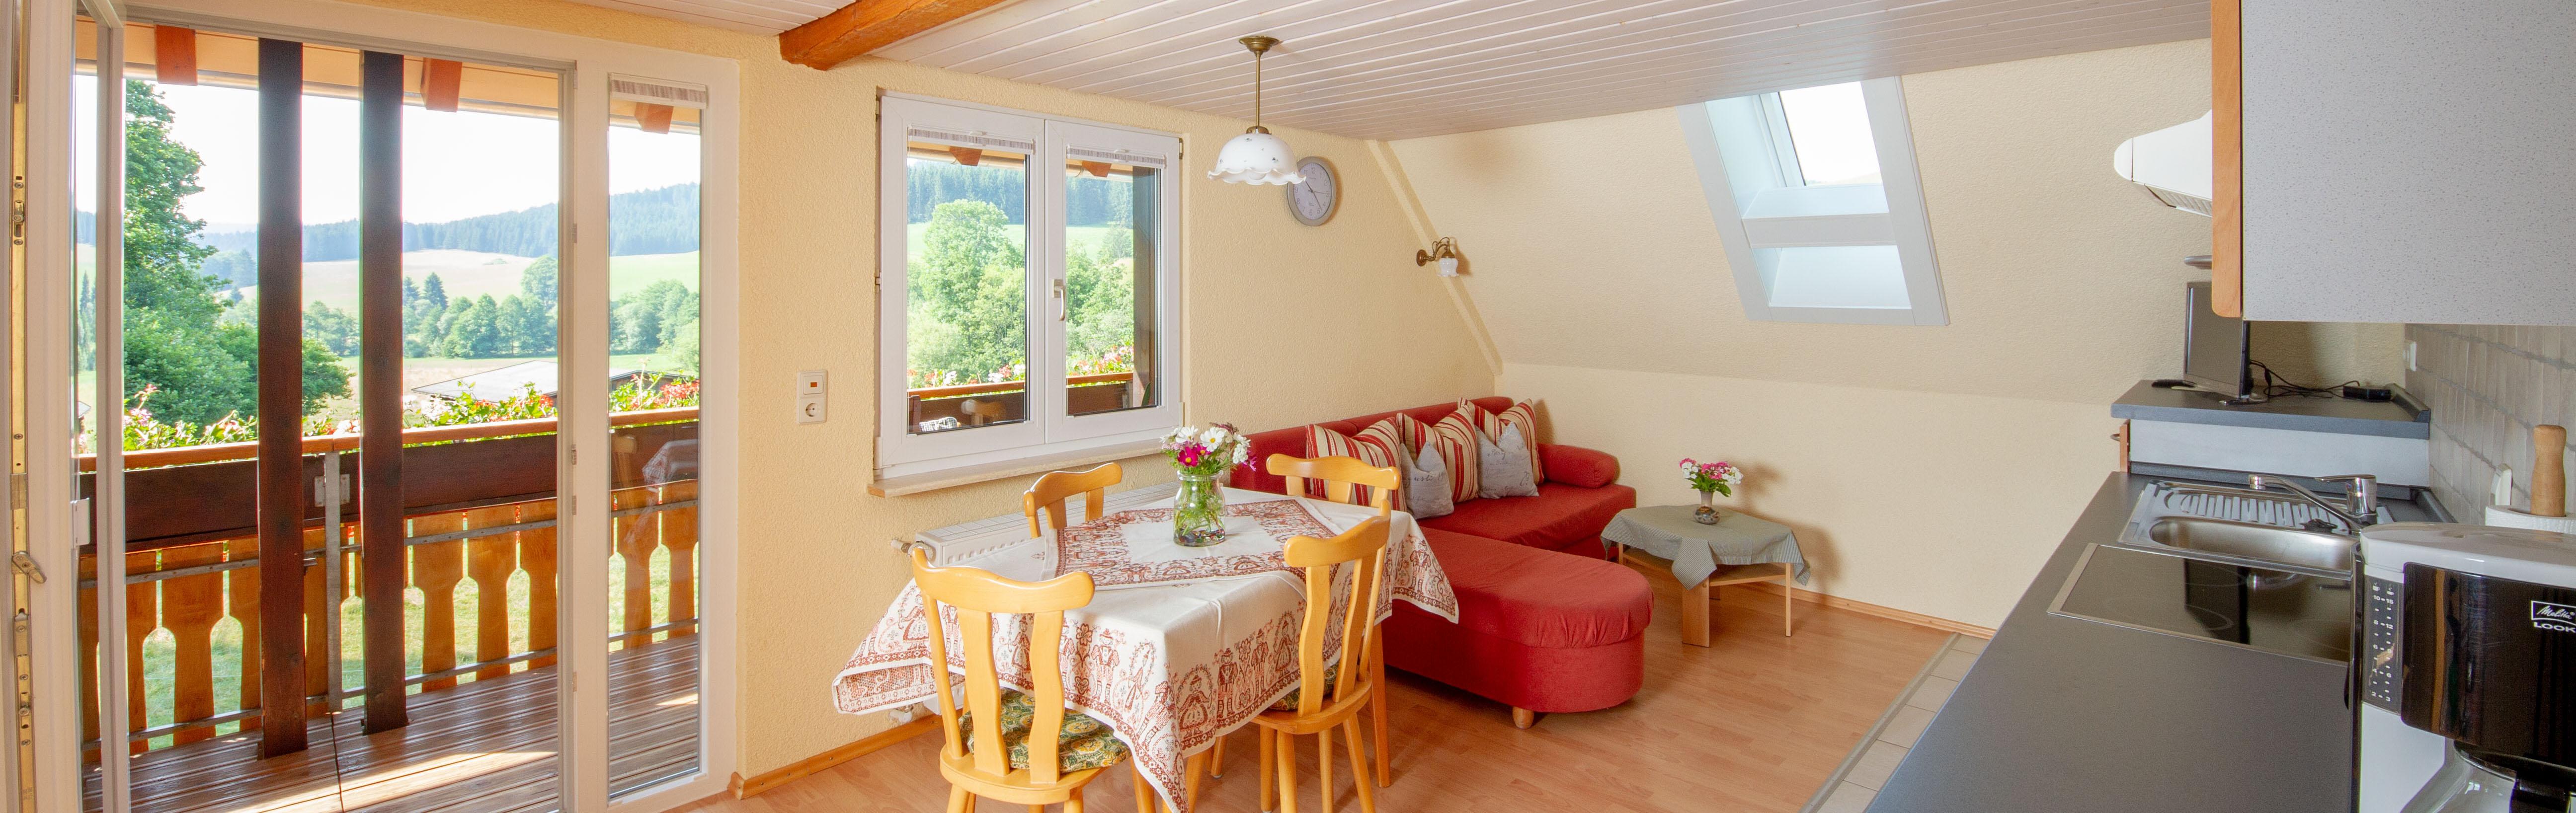 Slider: Wohnküche der Ferienwohnung Kamille - Josenmuehle